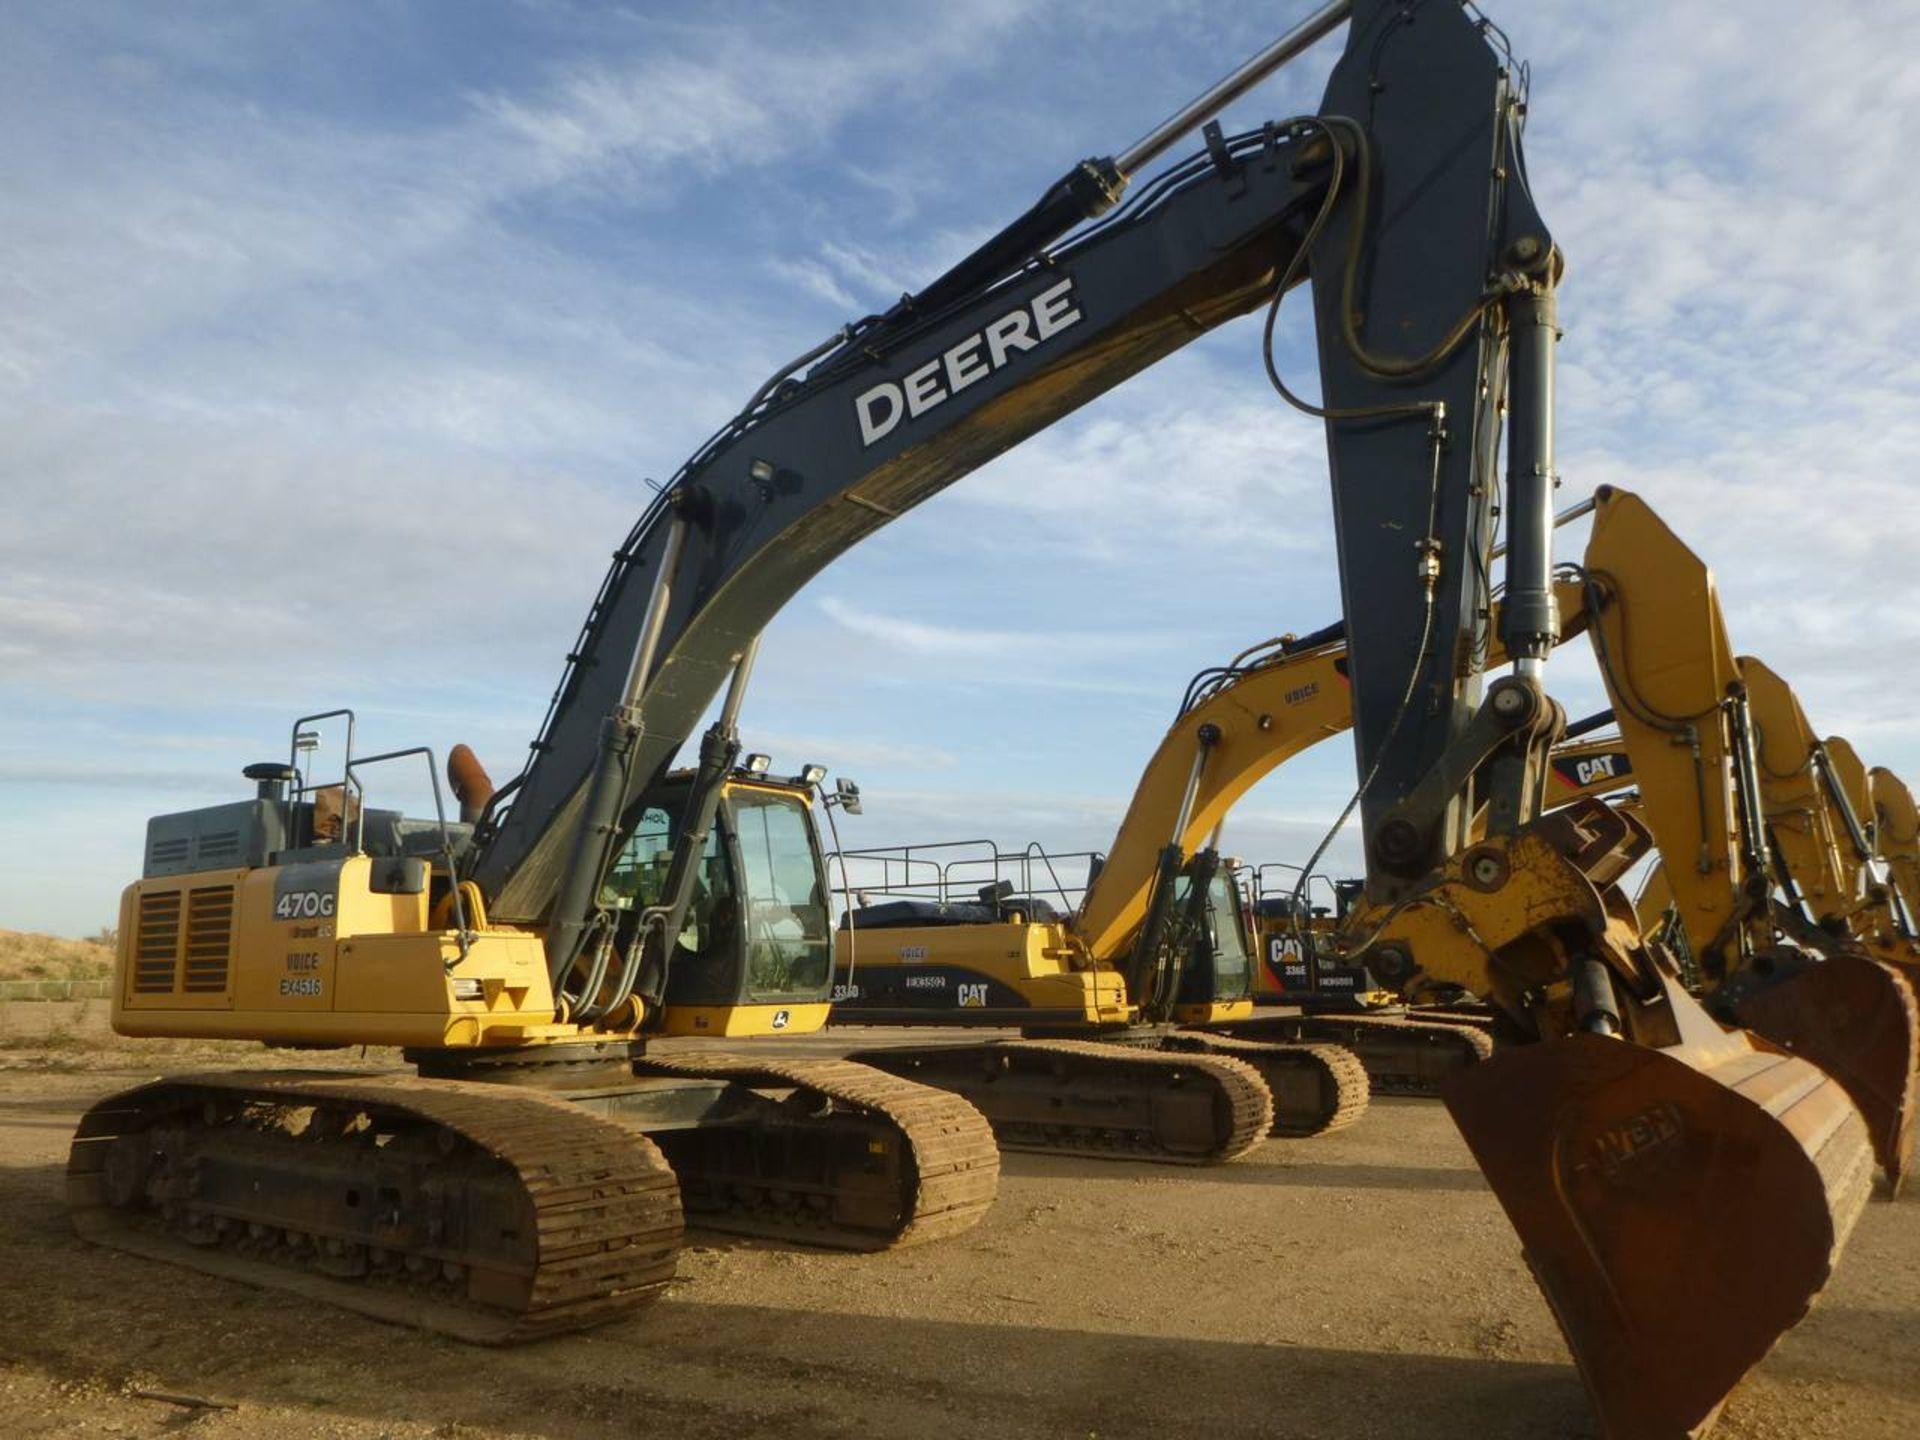 2014 John Deere 470G LC Excavator - Image 2 of 12